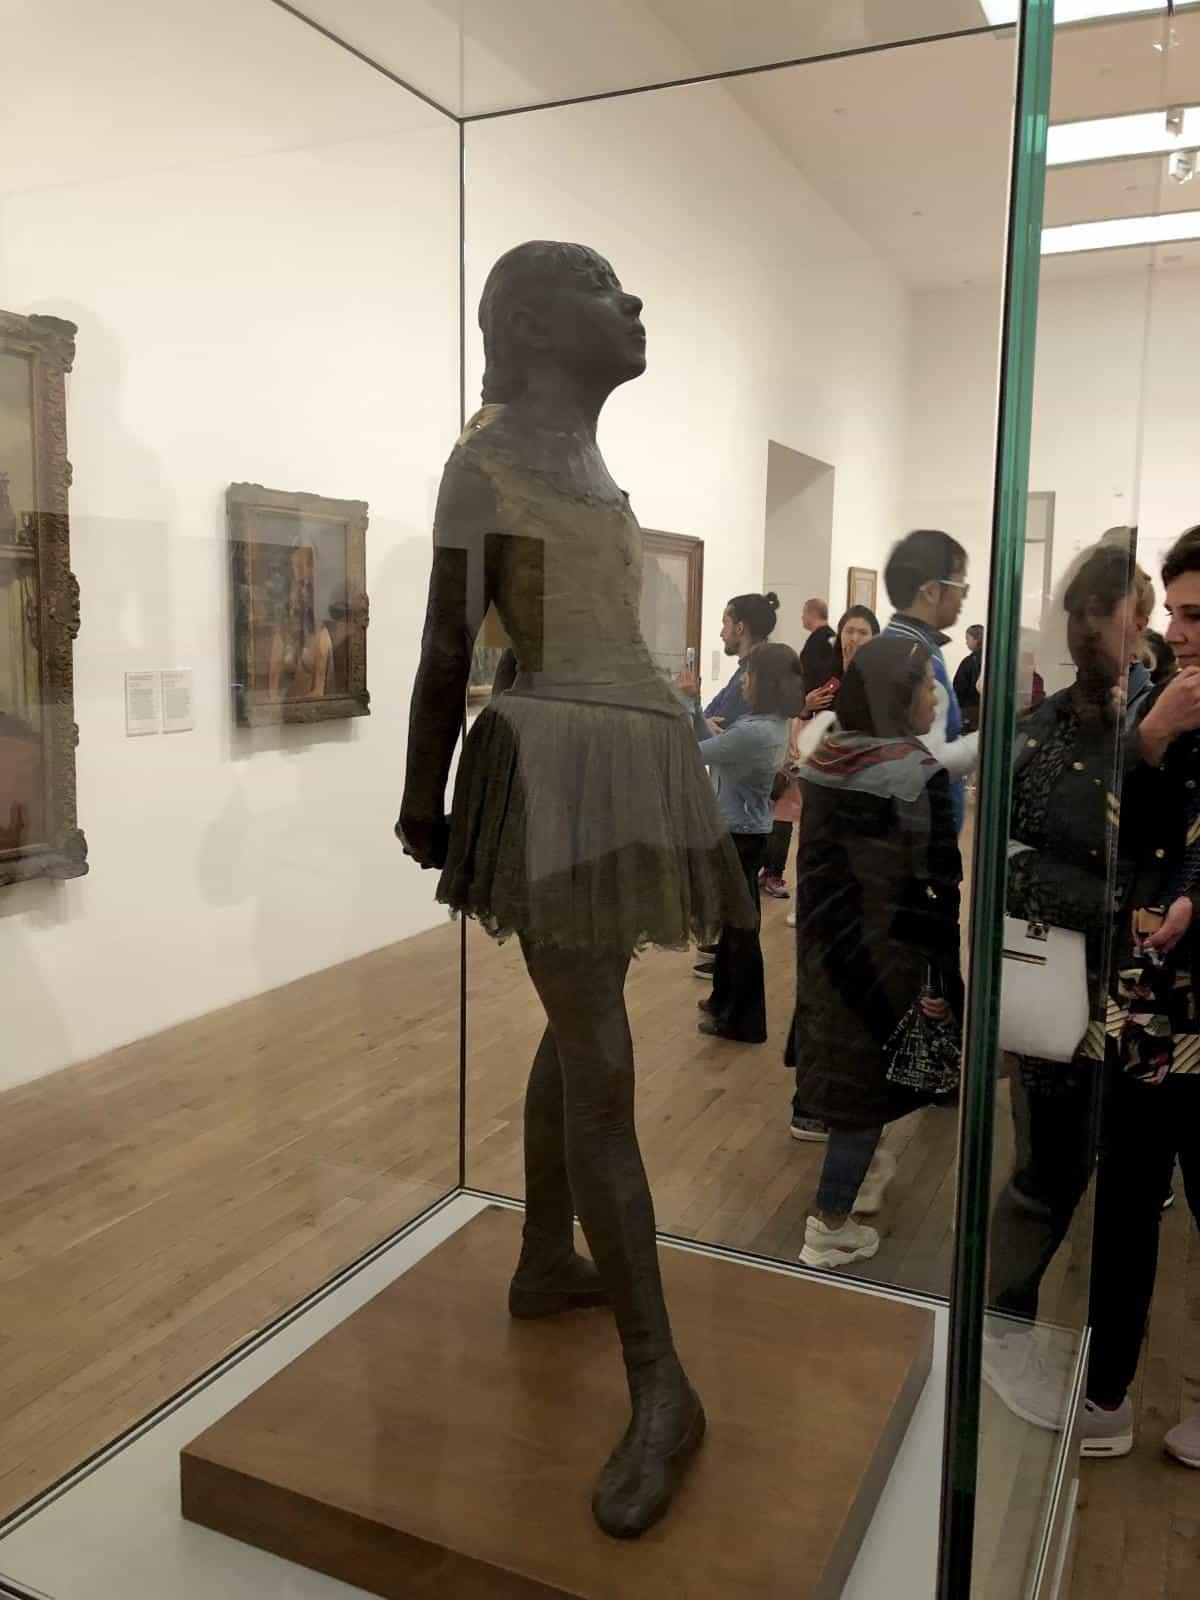 Edgar Degas fine art sculpture in the Tate modern